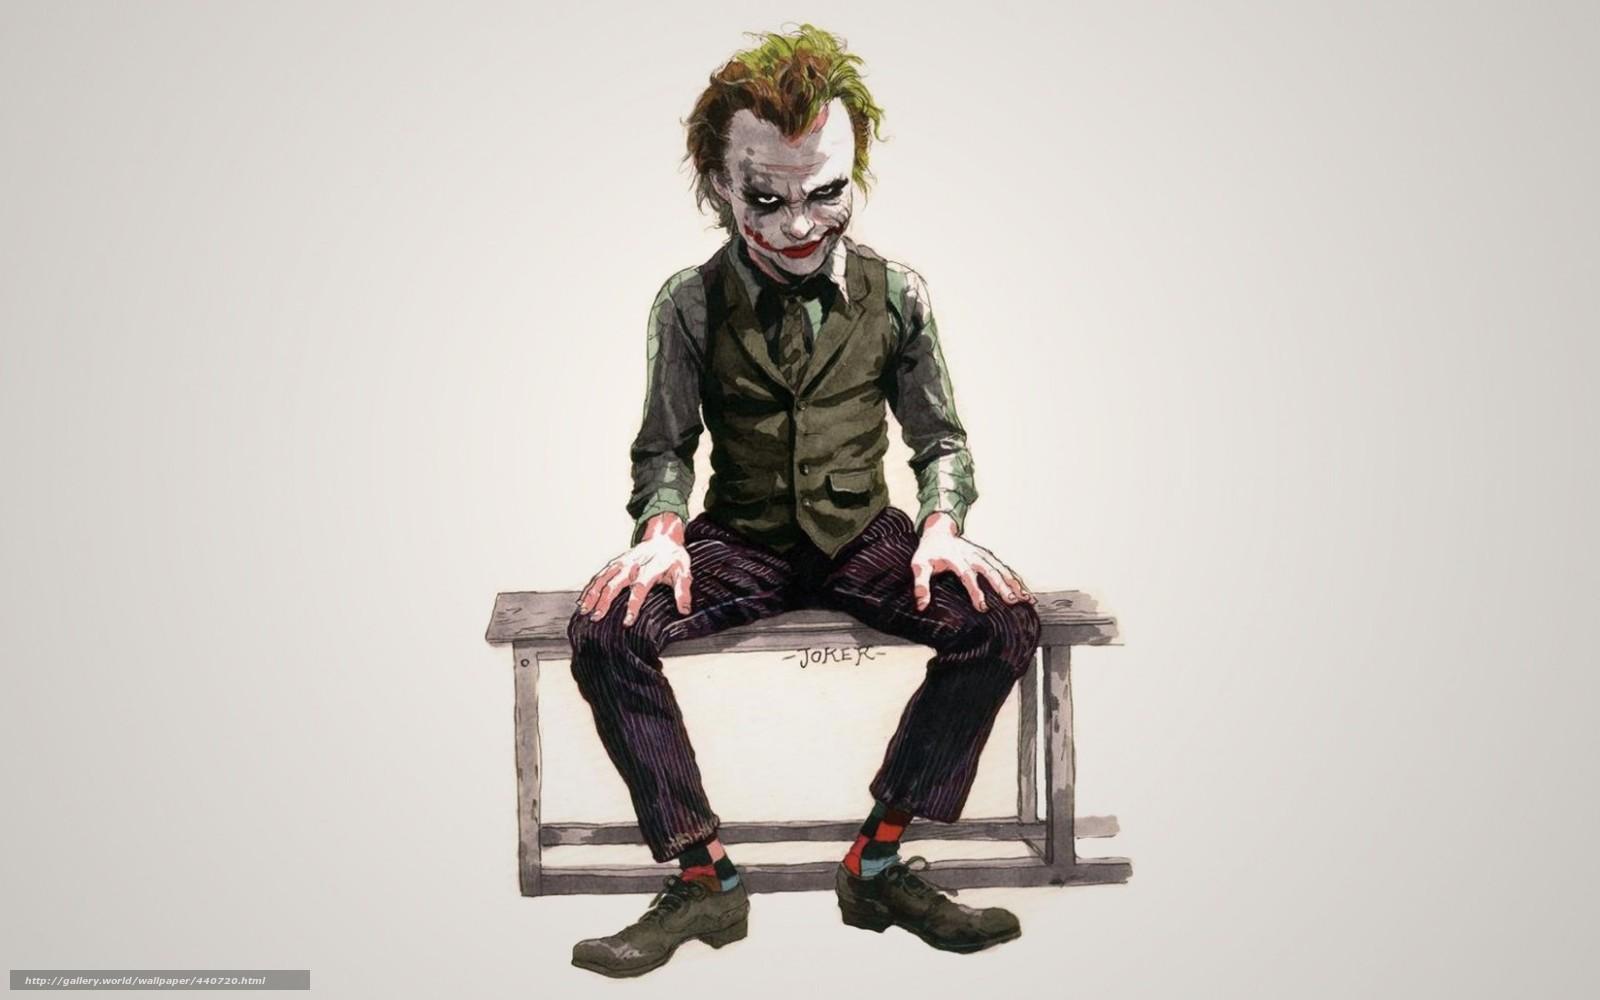 Download Hintergrund Joker,  Heath Ledger Freie desktop Tapeten in der Auflosung 1680x1050 — bild №440720